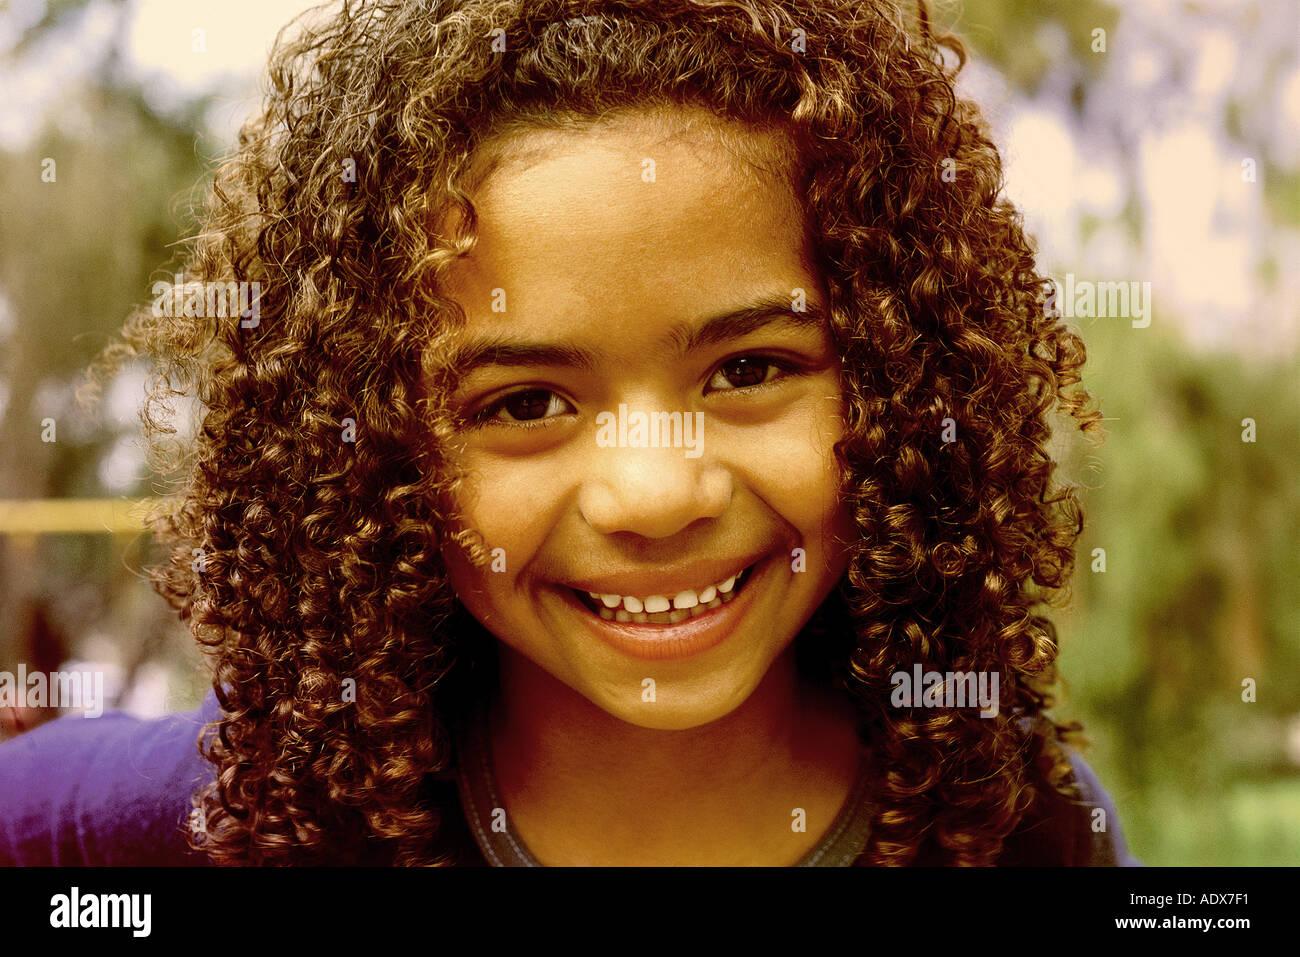 children curly hair brunette smile smiling children afro